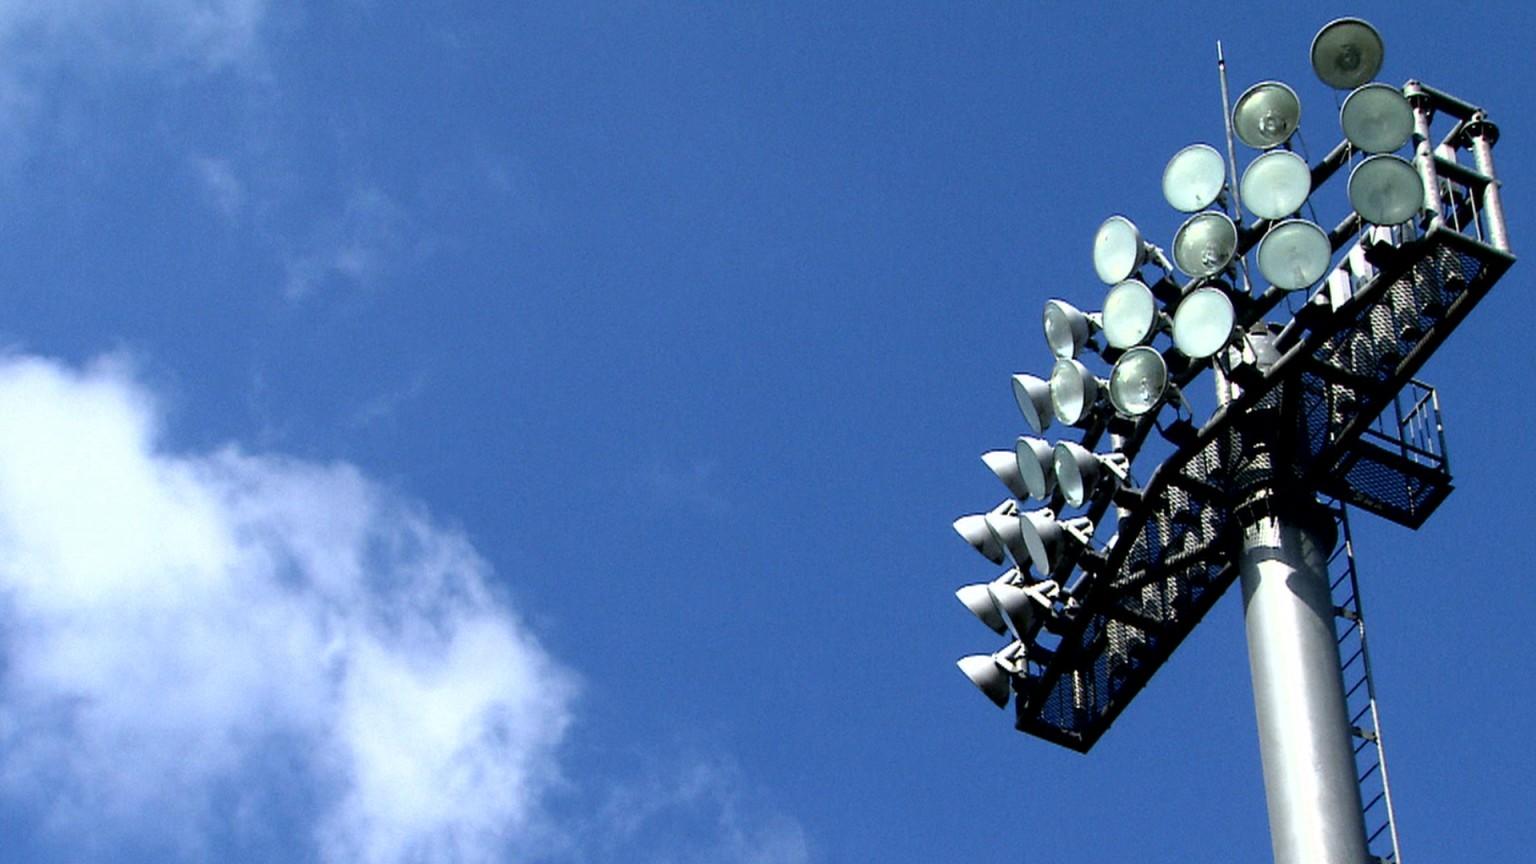 【速報】高松商 2年ぶりの夏の甲子園へ 夏の高校野球・香川大会決勝 英明との接戦を制す